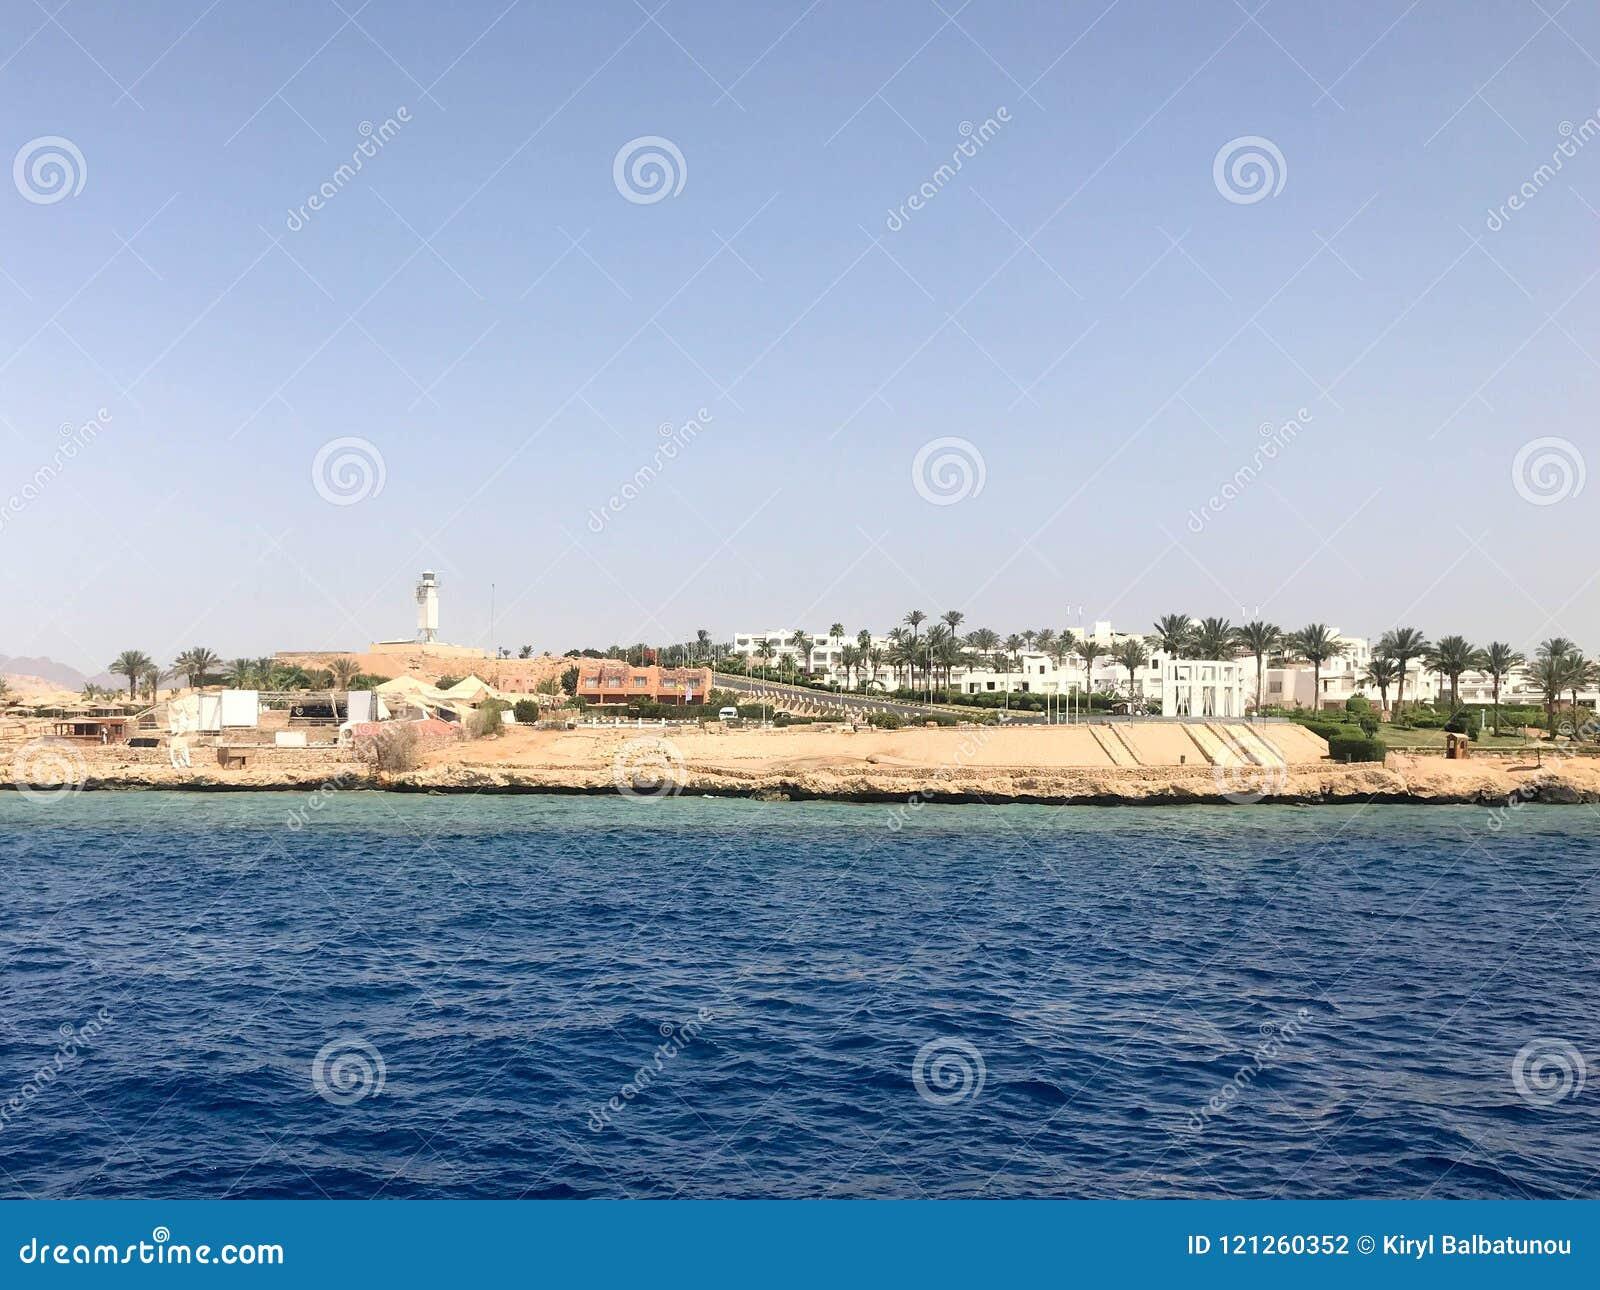 Seascape дистантных красивых коричневых каменных гор и различных зданий на береге и море голубого соли лазурном, oc